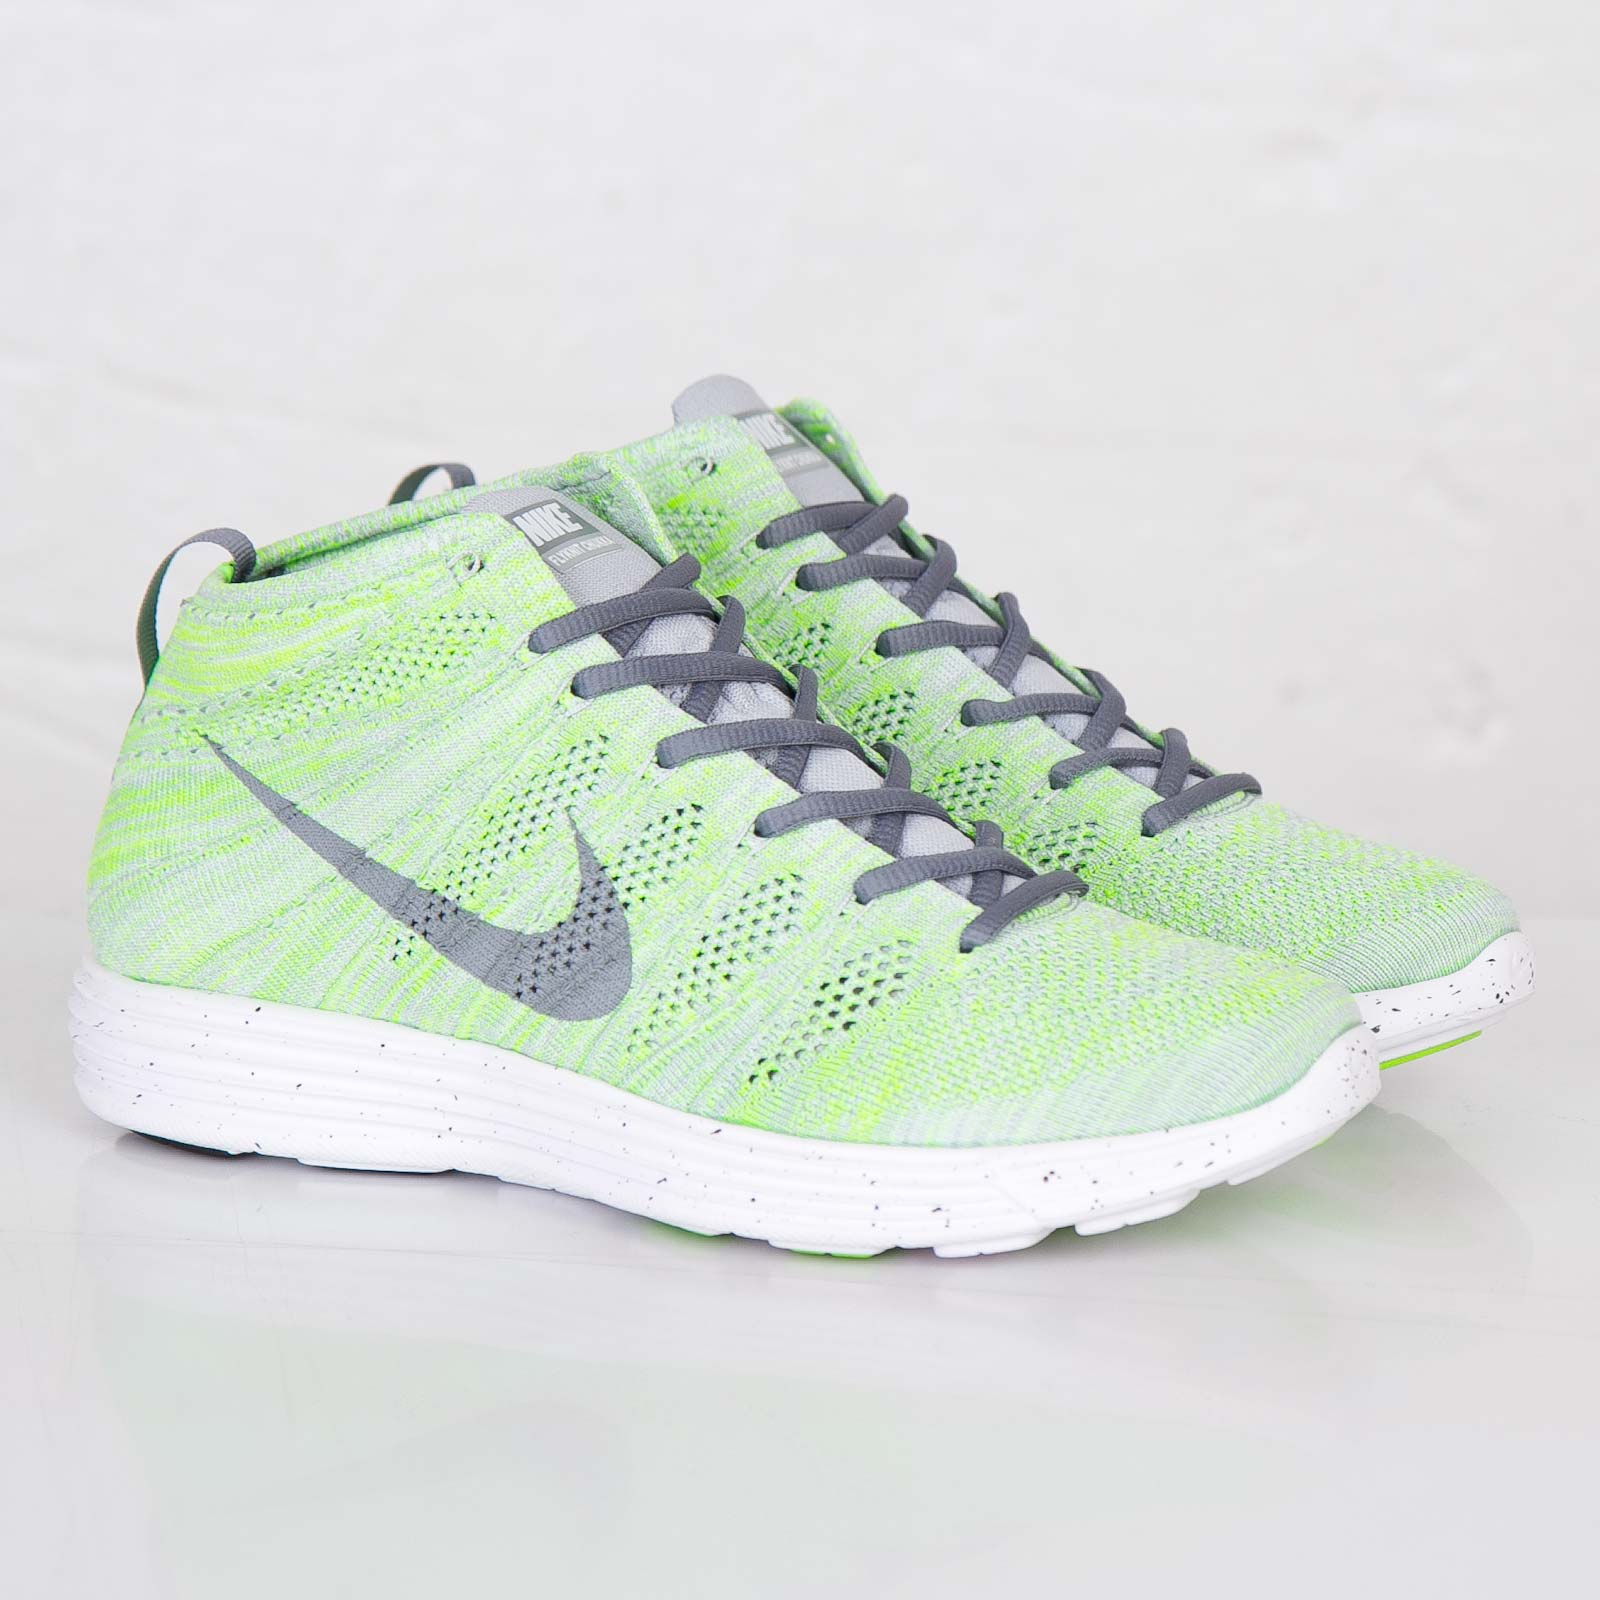 f90149fe959d Nike Lunar Flyknit Chukka - 554969-011 - Sneakersnstuff